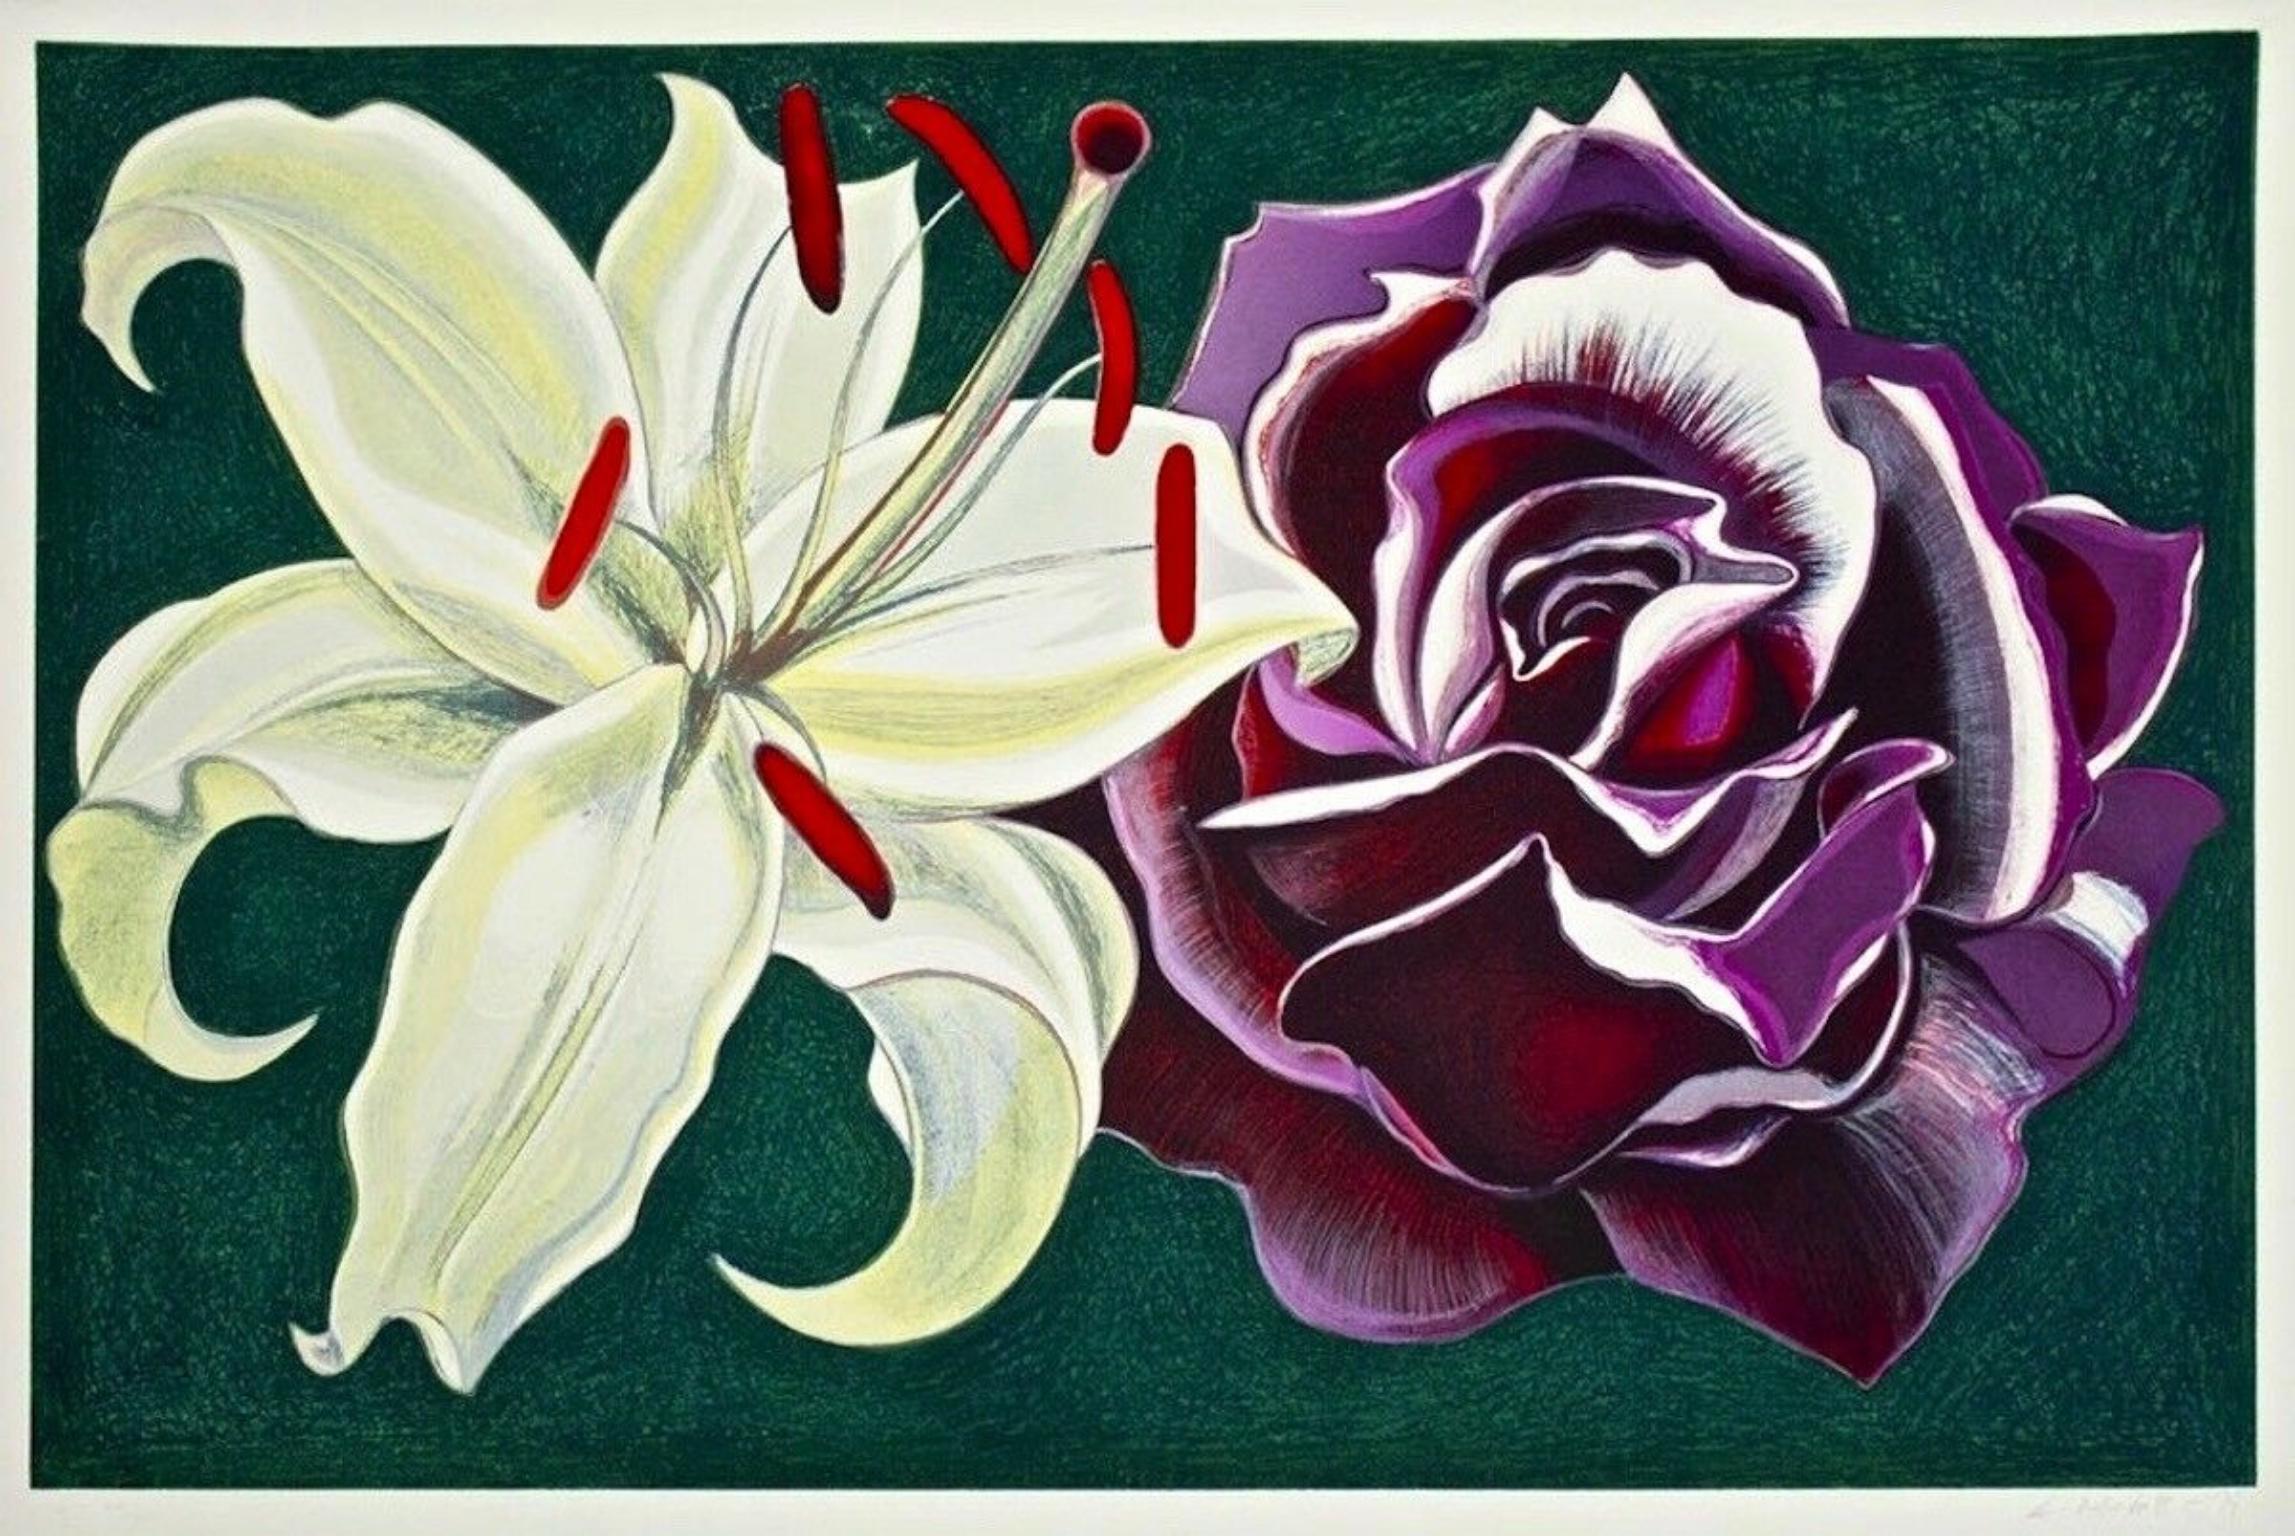 Lily & Rose, Limited Edition Silkscreen, Lowell Nesbitt